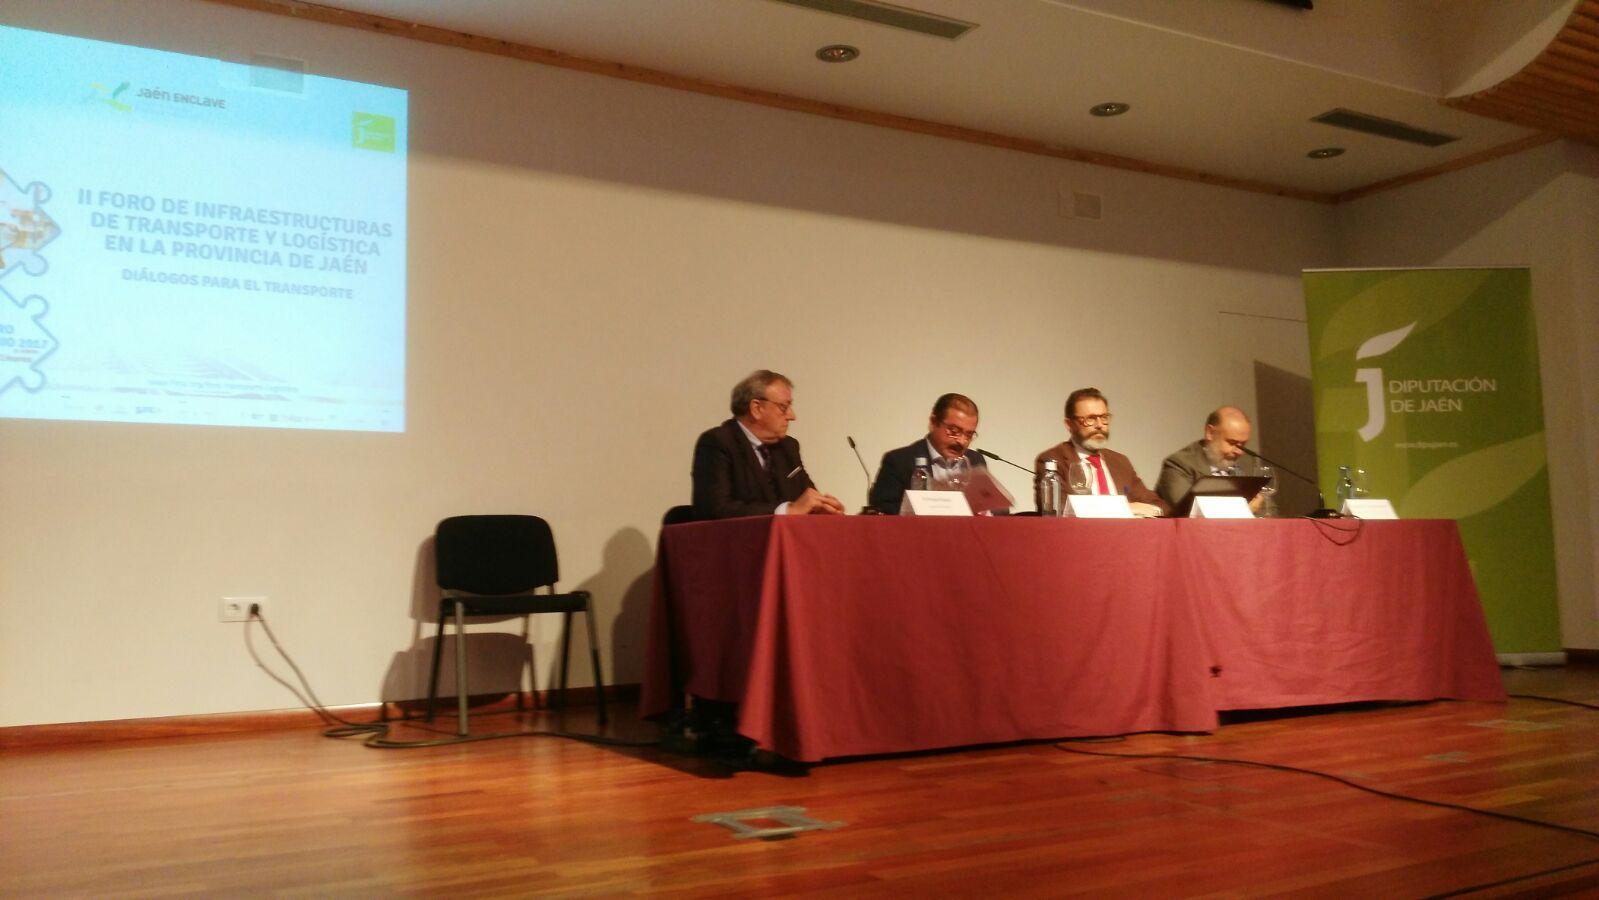 Clausura del II Foro de Infraestructuras de Transporte y Logística en la Provincia de Jaén, celebrad